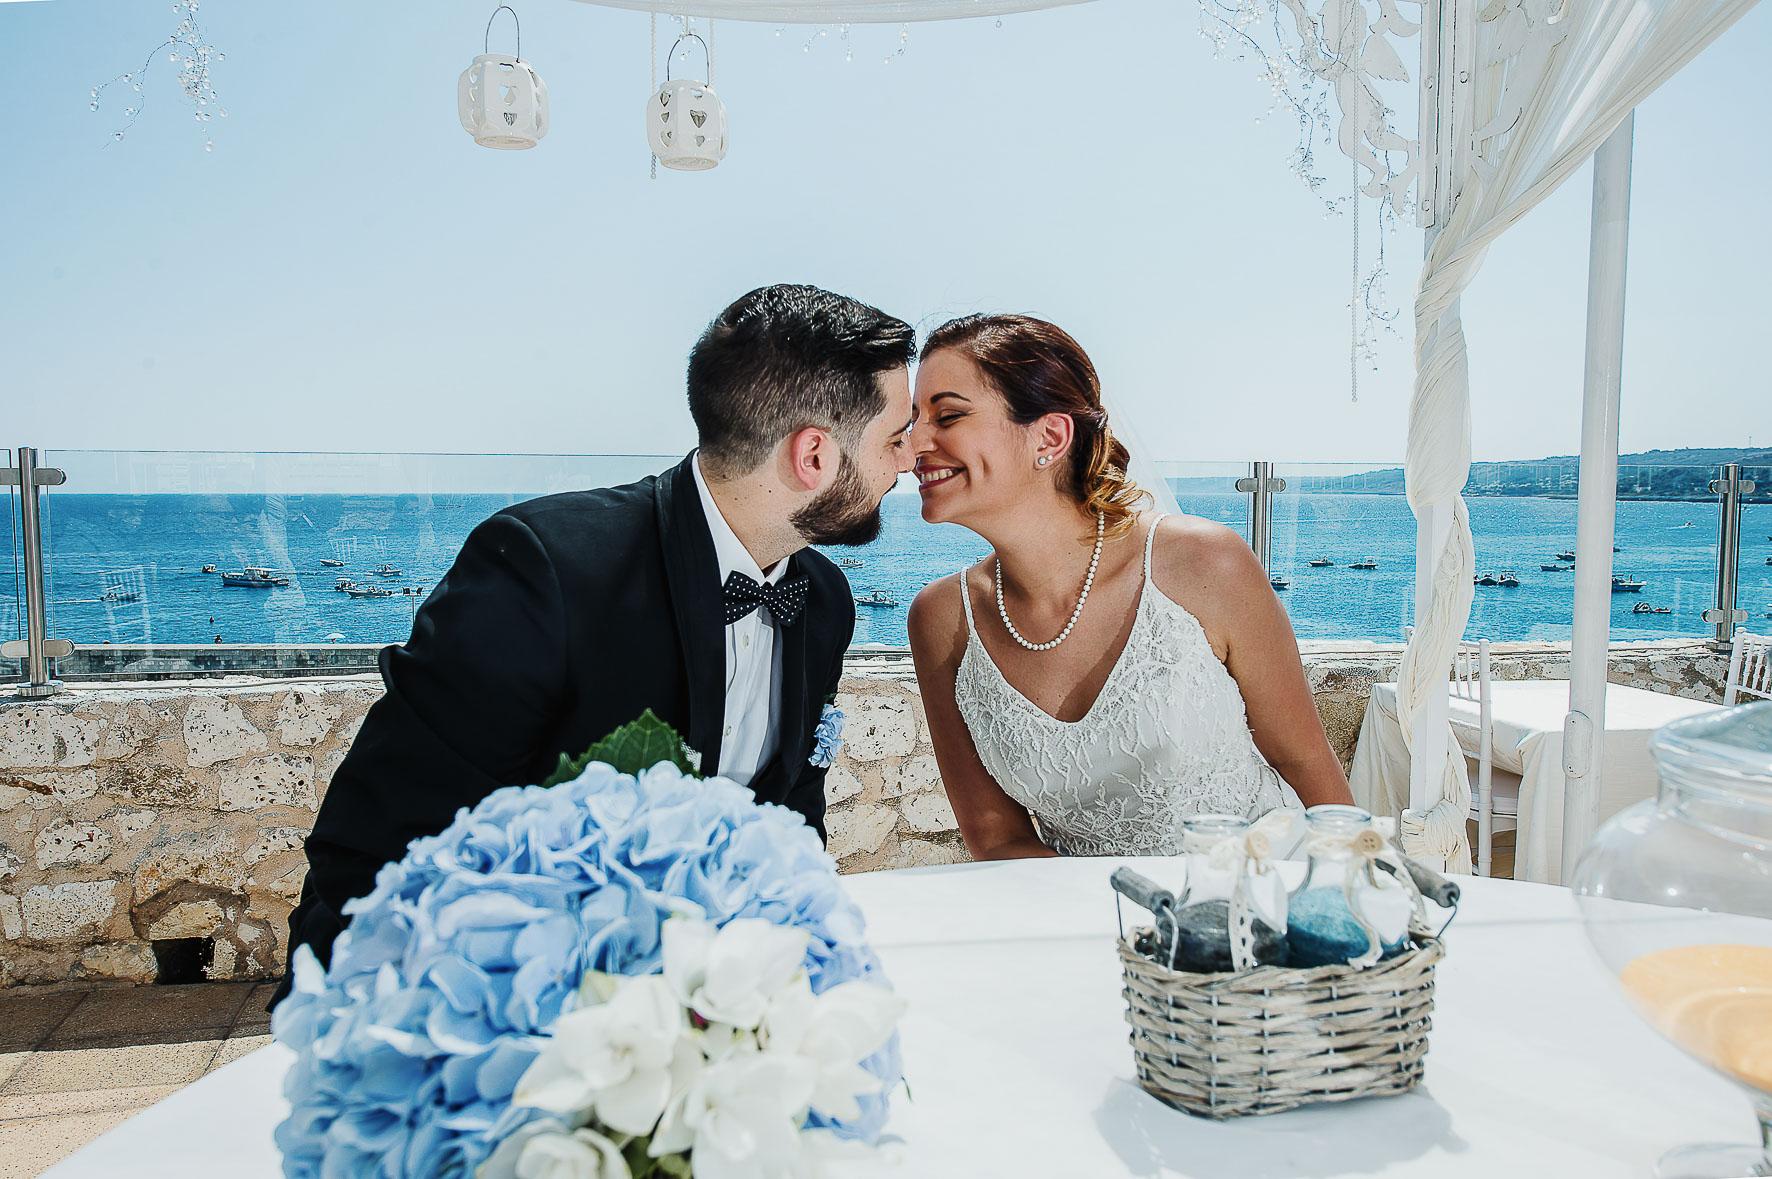 matrimonio-civile-salento